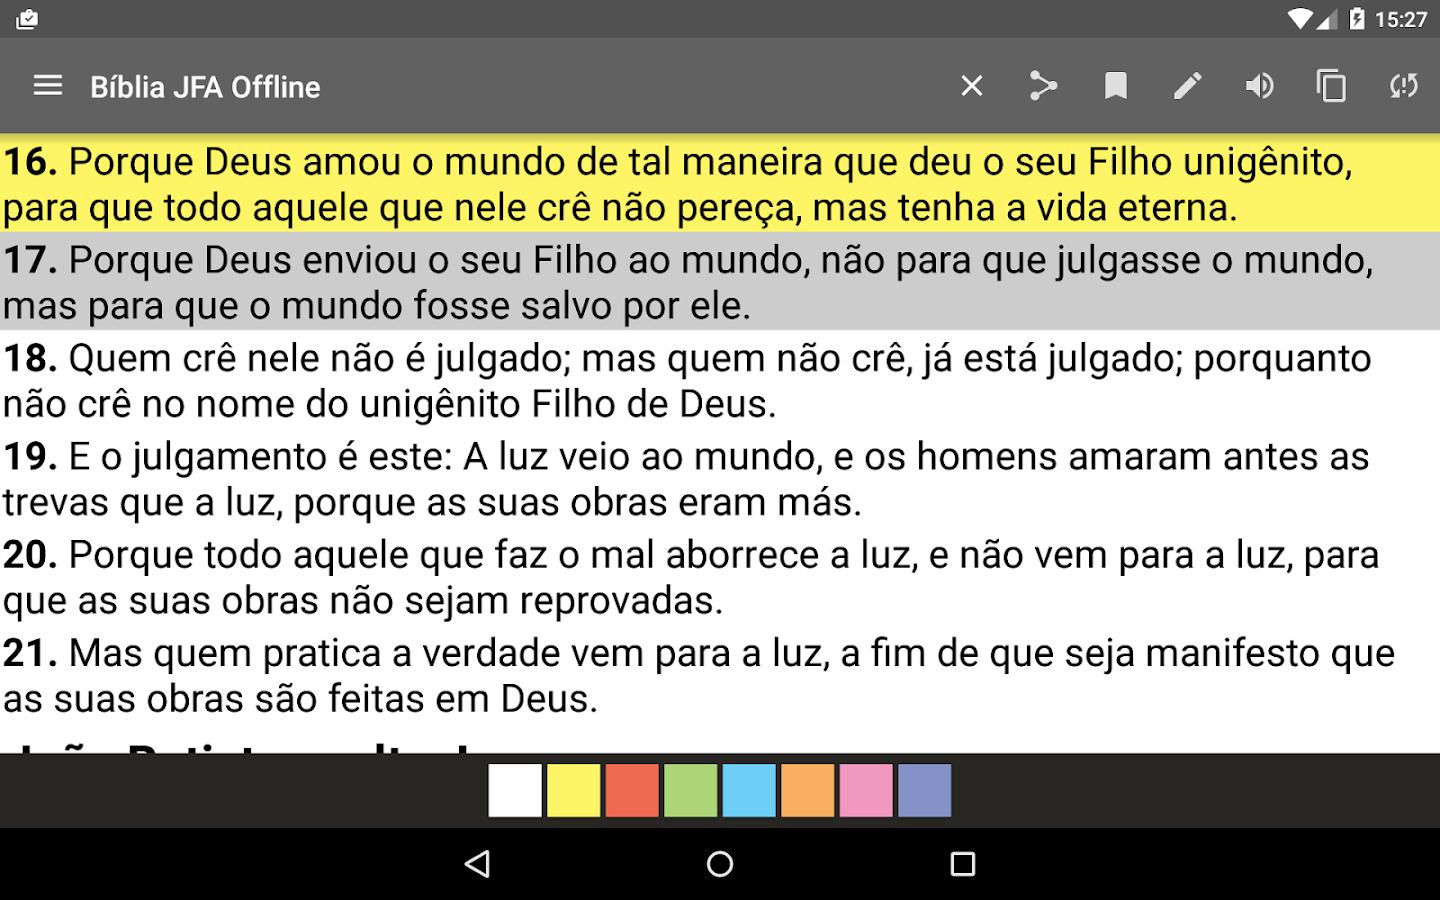 Bíblia JFA Offline: captura de tela